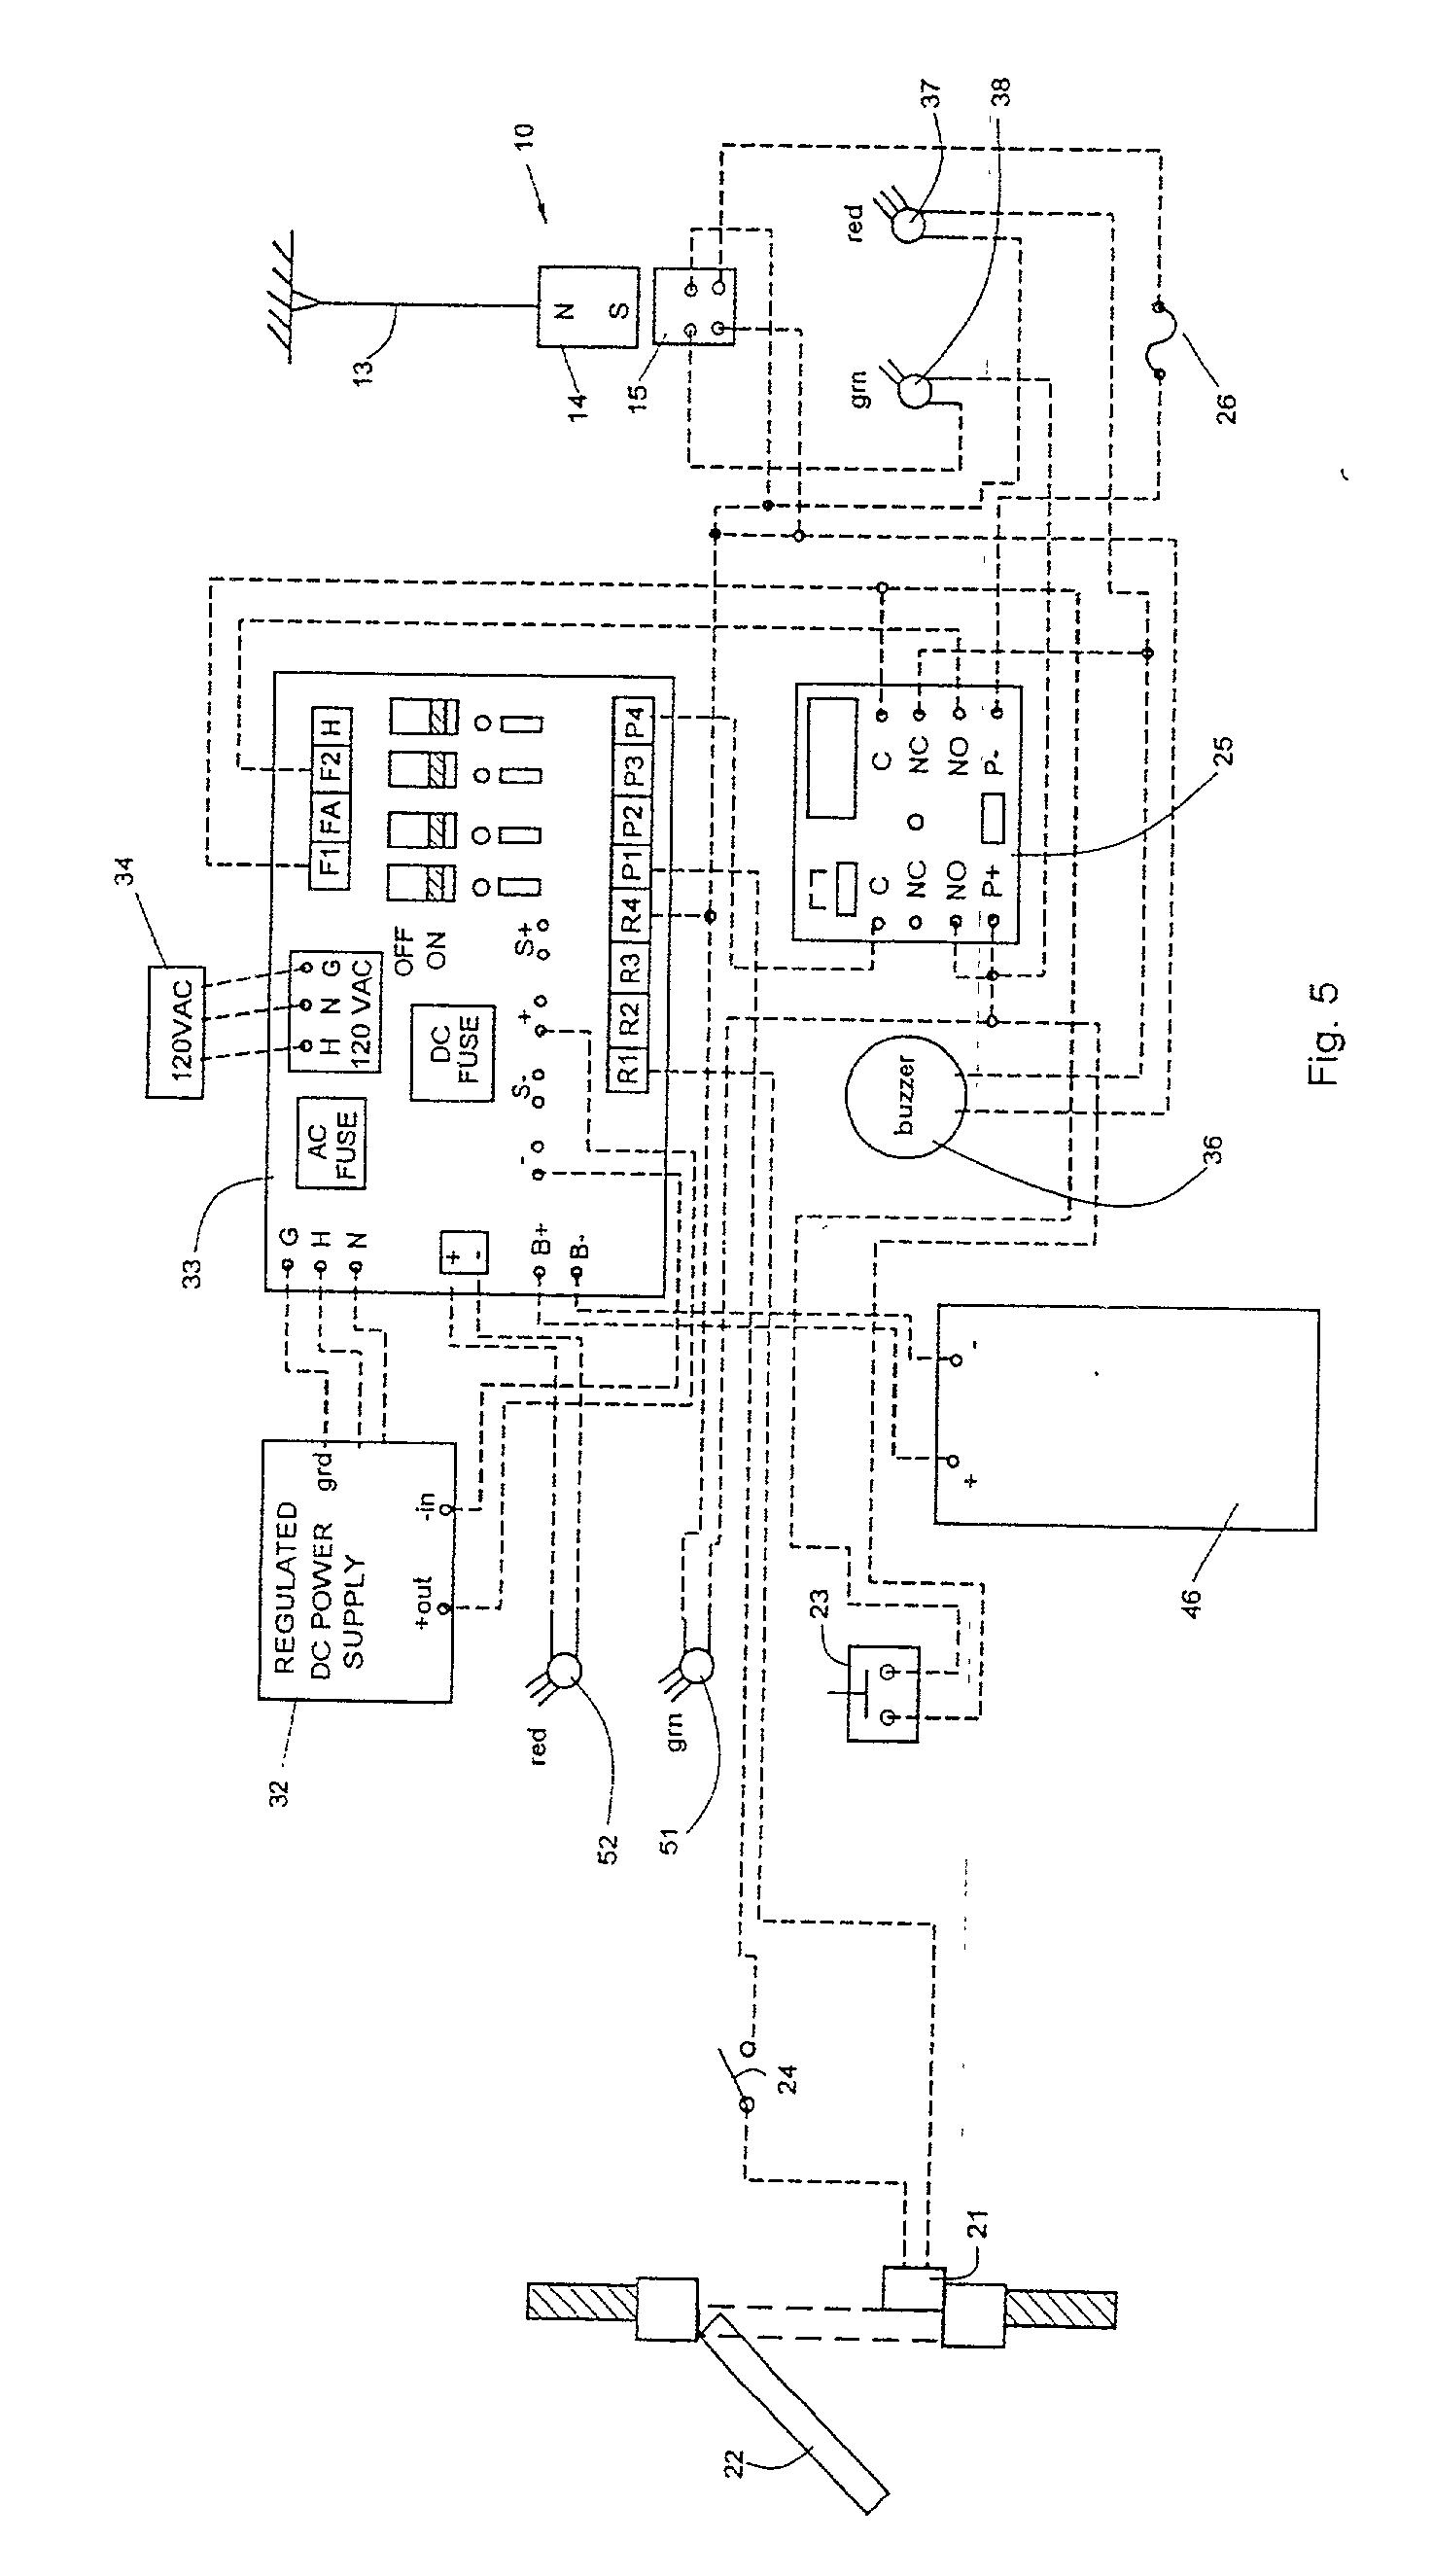 patent us20030014919